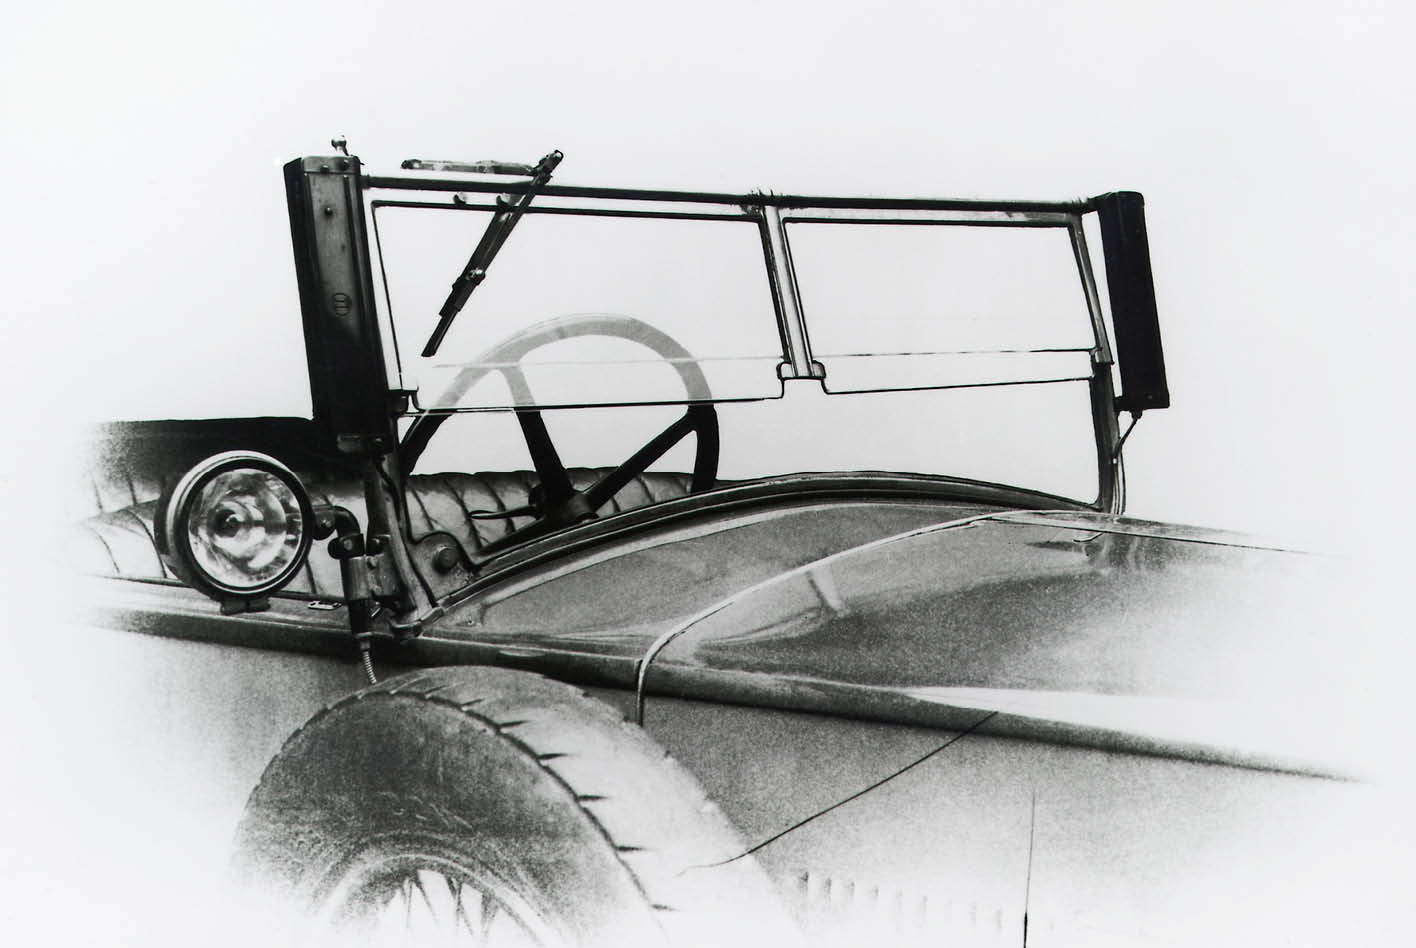 Historisches Scheibenwischer-Bild